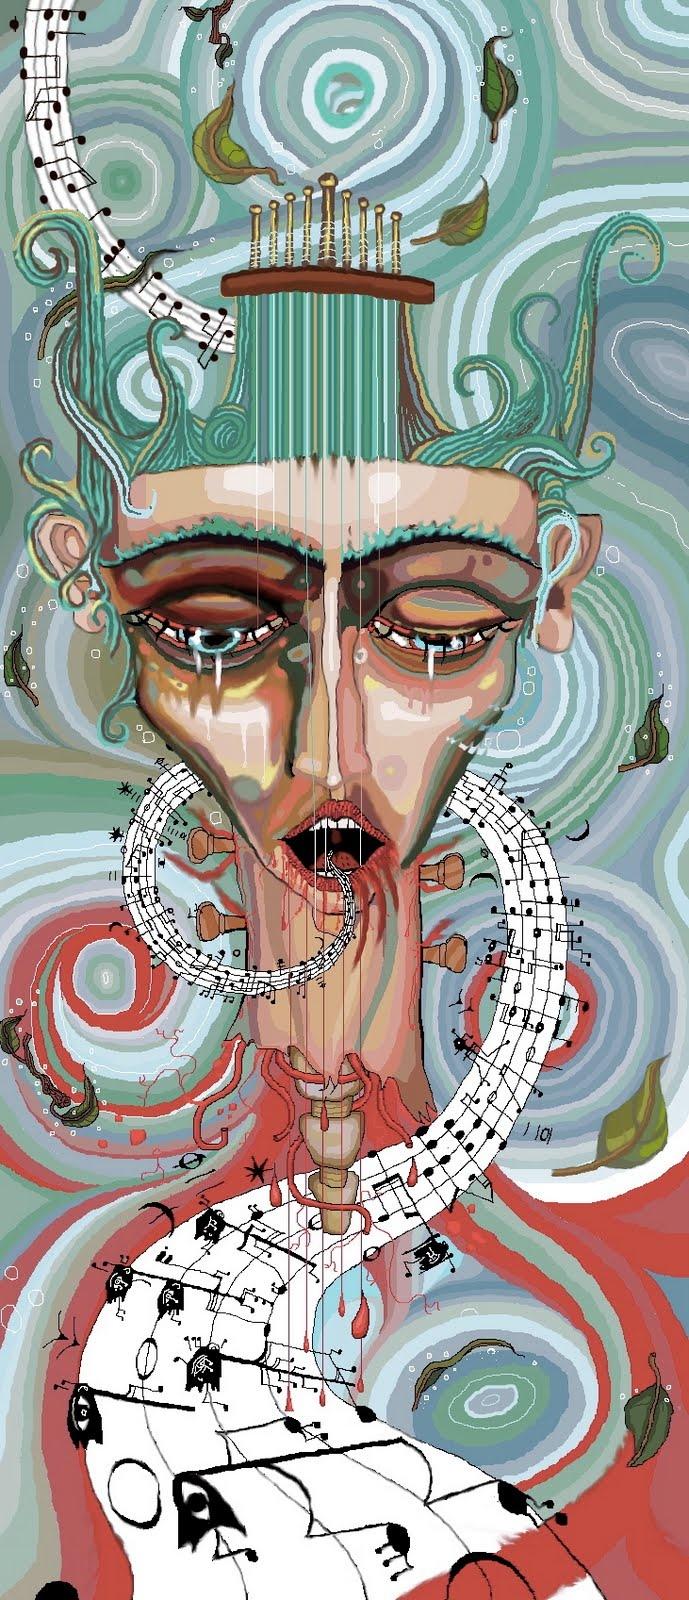 Orpheus by James Ormiston